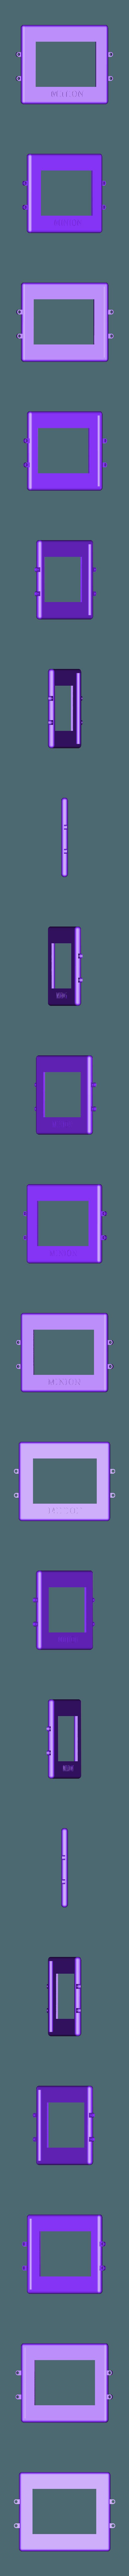 Screen_Mares_Icon_HD_V_2.0.stl Télécharger fichier STL gratuit Protection Mares Icon HD • Design pour impression 3D, MINION